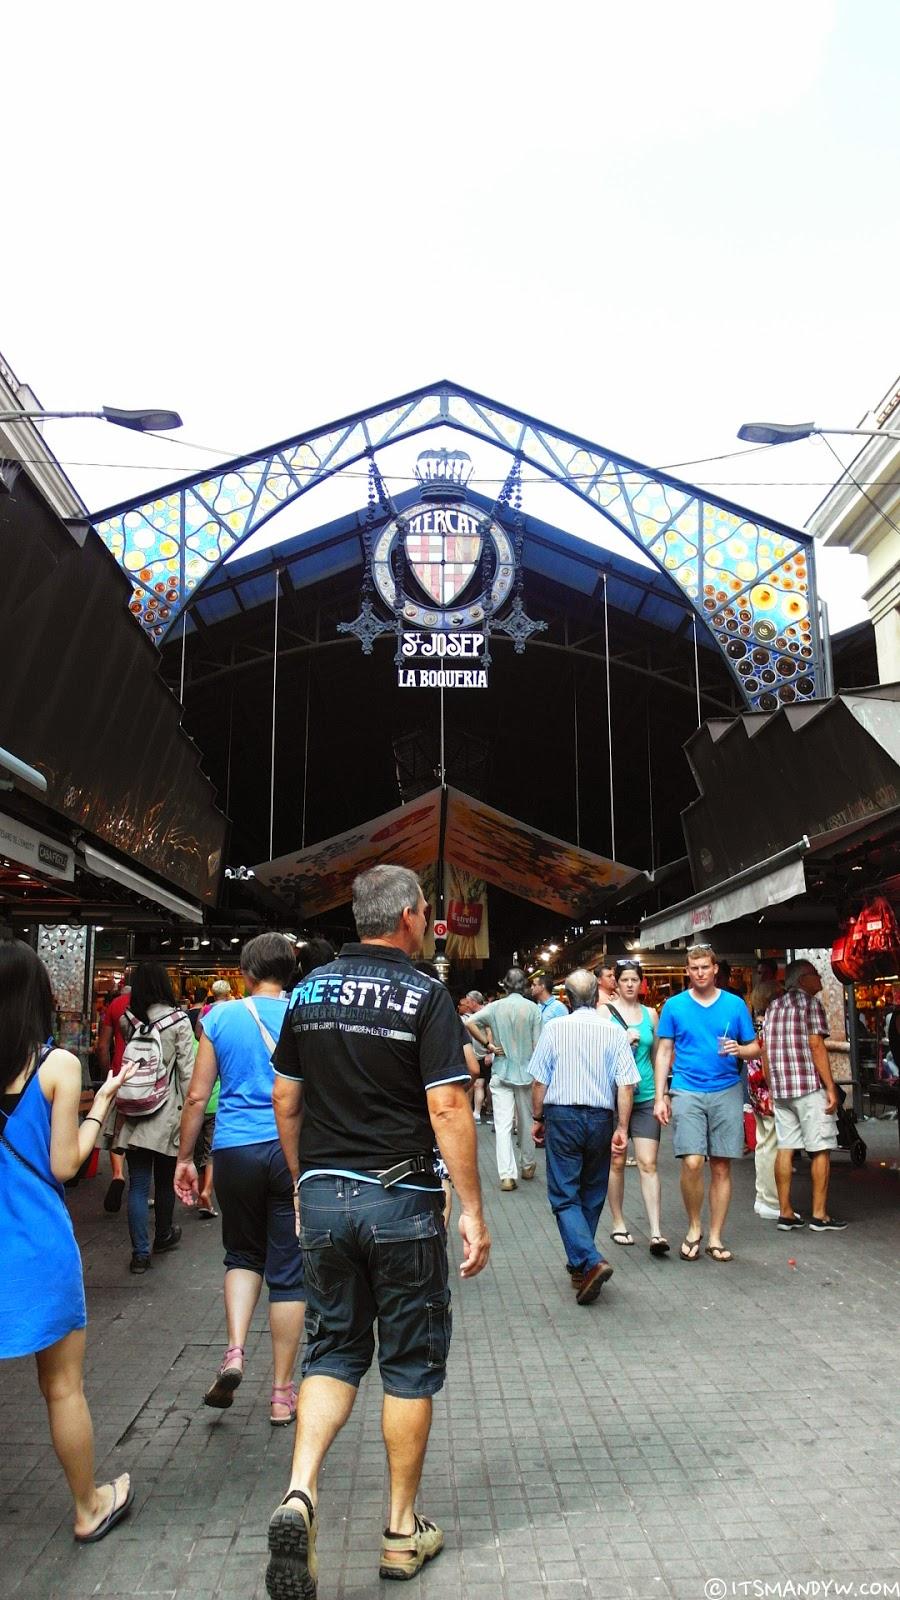 【西班牙】 熱情奔放的傳統市場 - La Boqueria